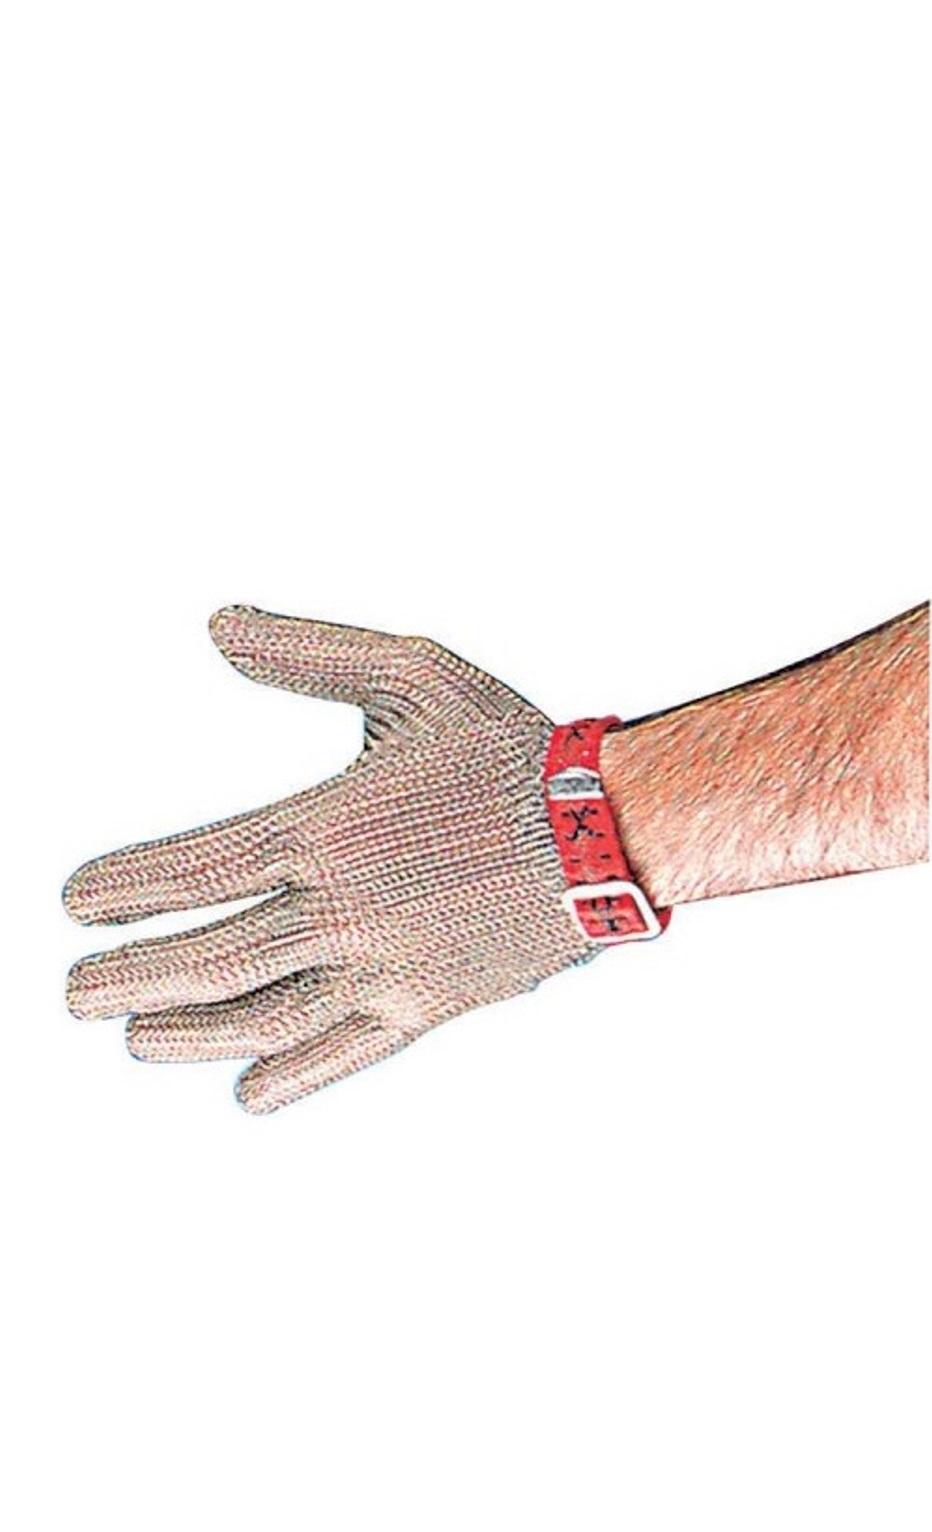 Онлайн каталог PROMENU: Перчатка кольчужная из нержавеющей стали Paderno KITCHEN UTENSILS, размер M, серебристый                               48505-02